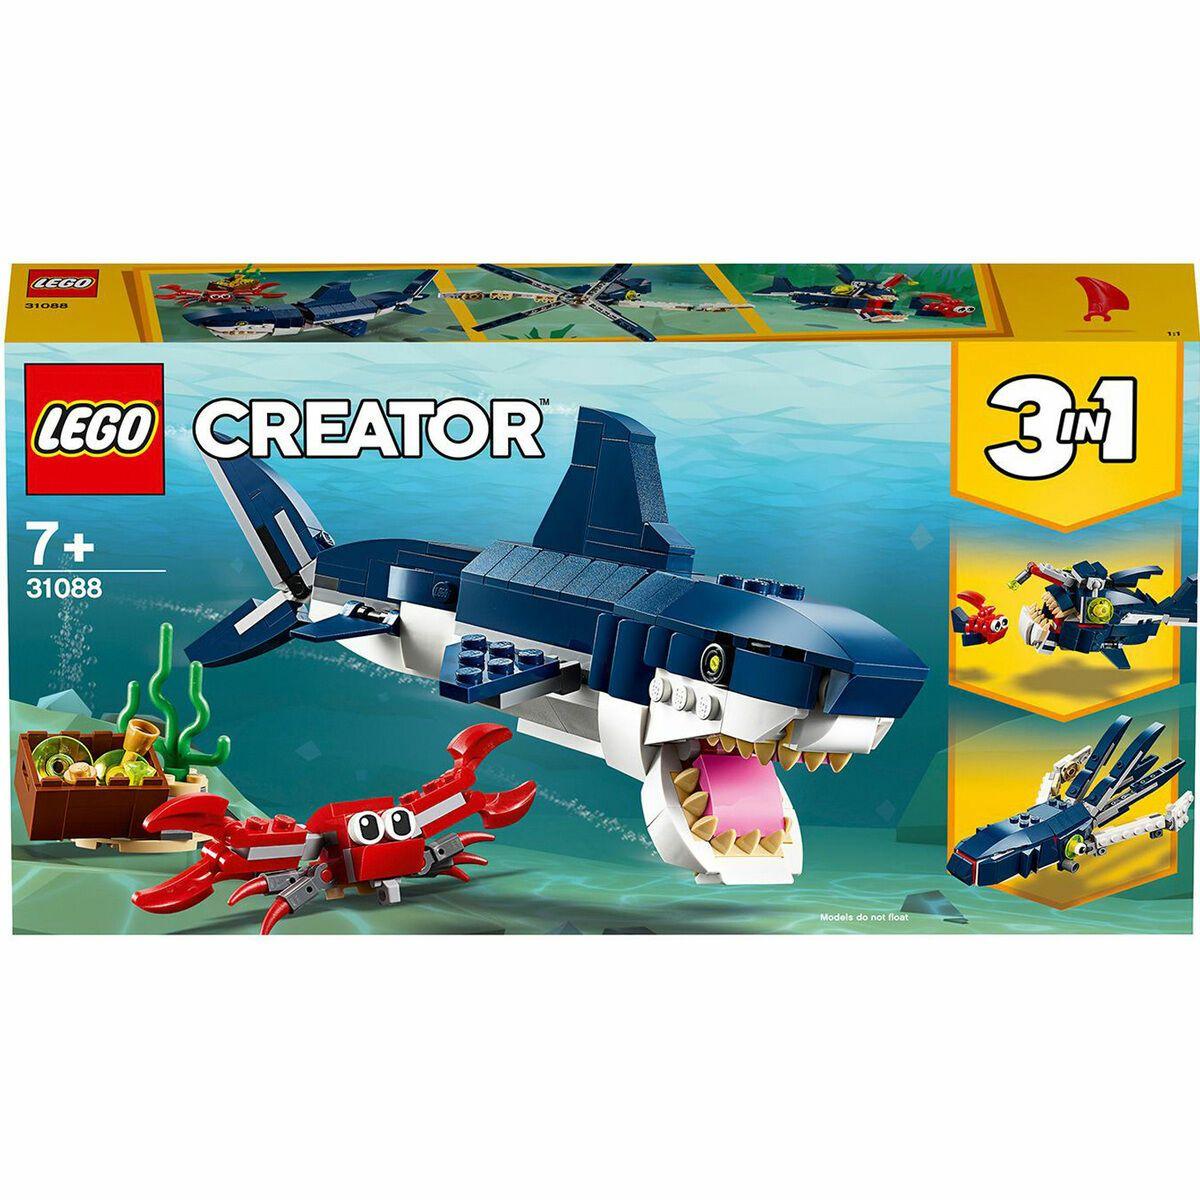 Lego Galeria Sammeldeal (Neu 07.04)